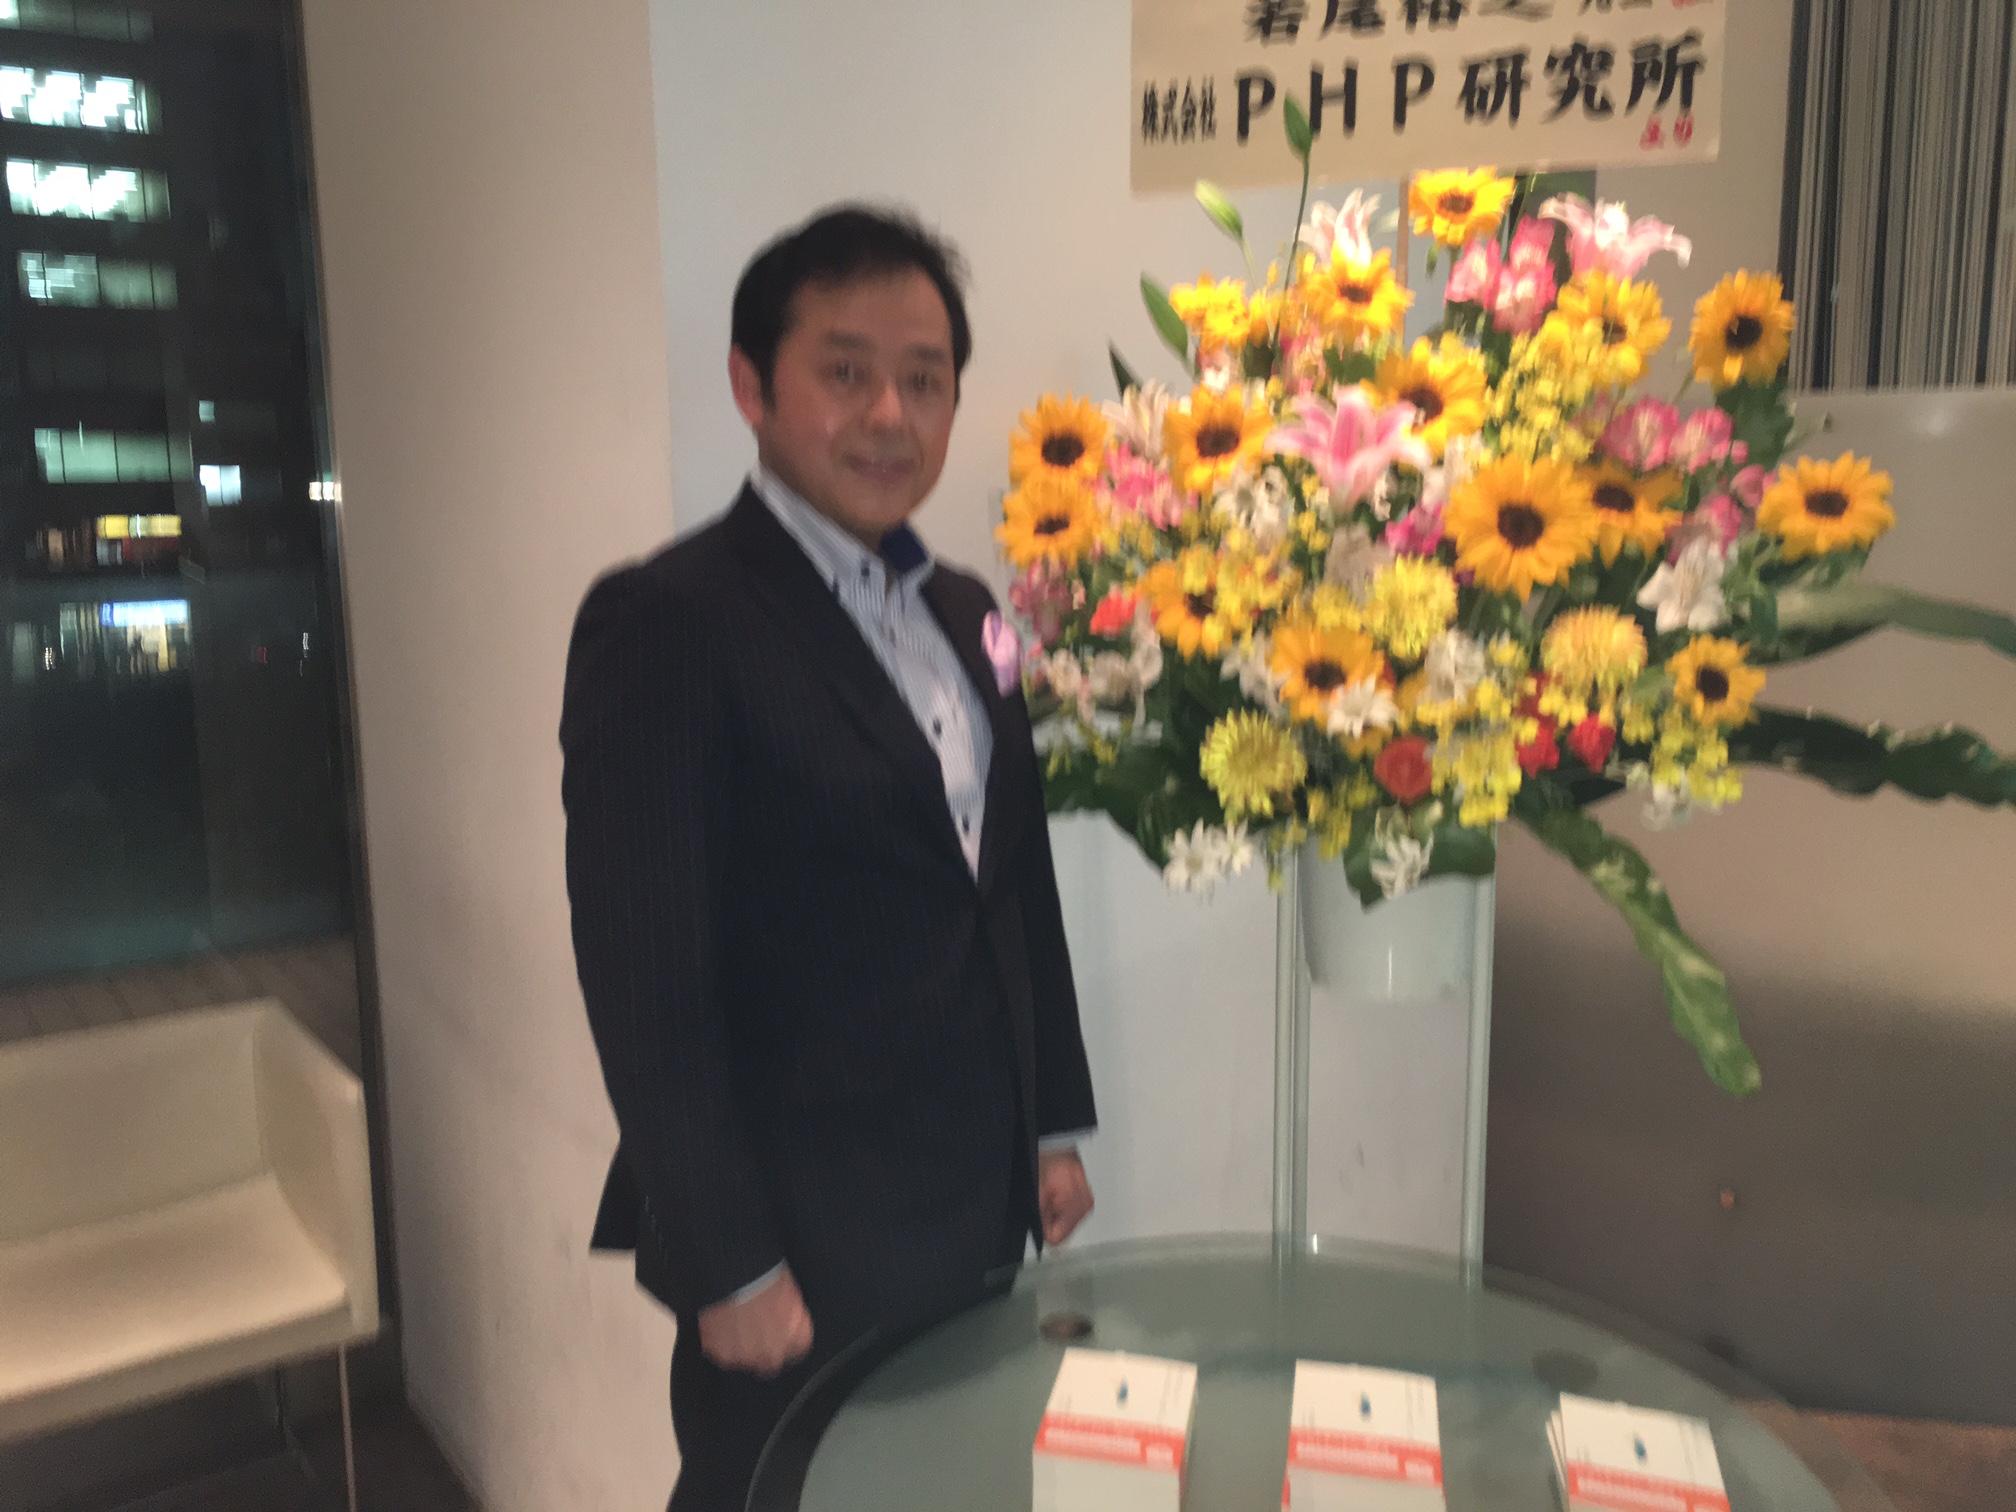 最新刊「幸せは心のなかで、あなたの気づきを待っている」出版記念パーティーを開催